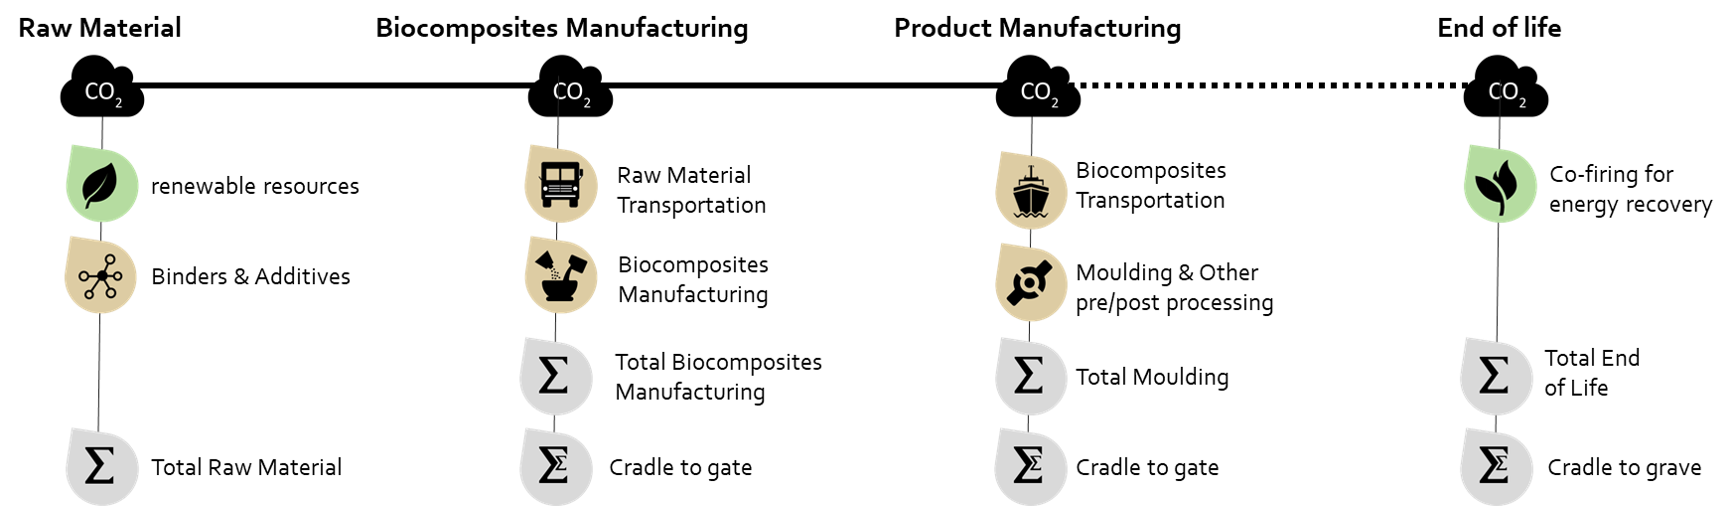 Cradle-to-grave LCIA of BioDur 2